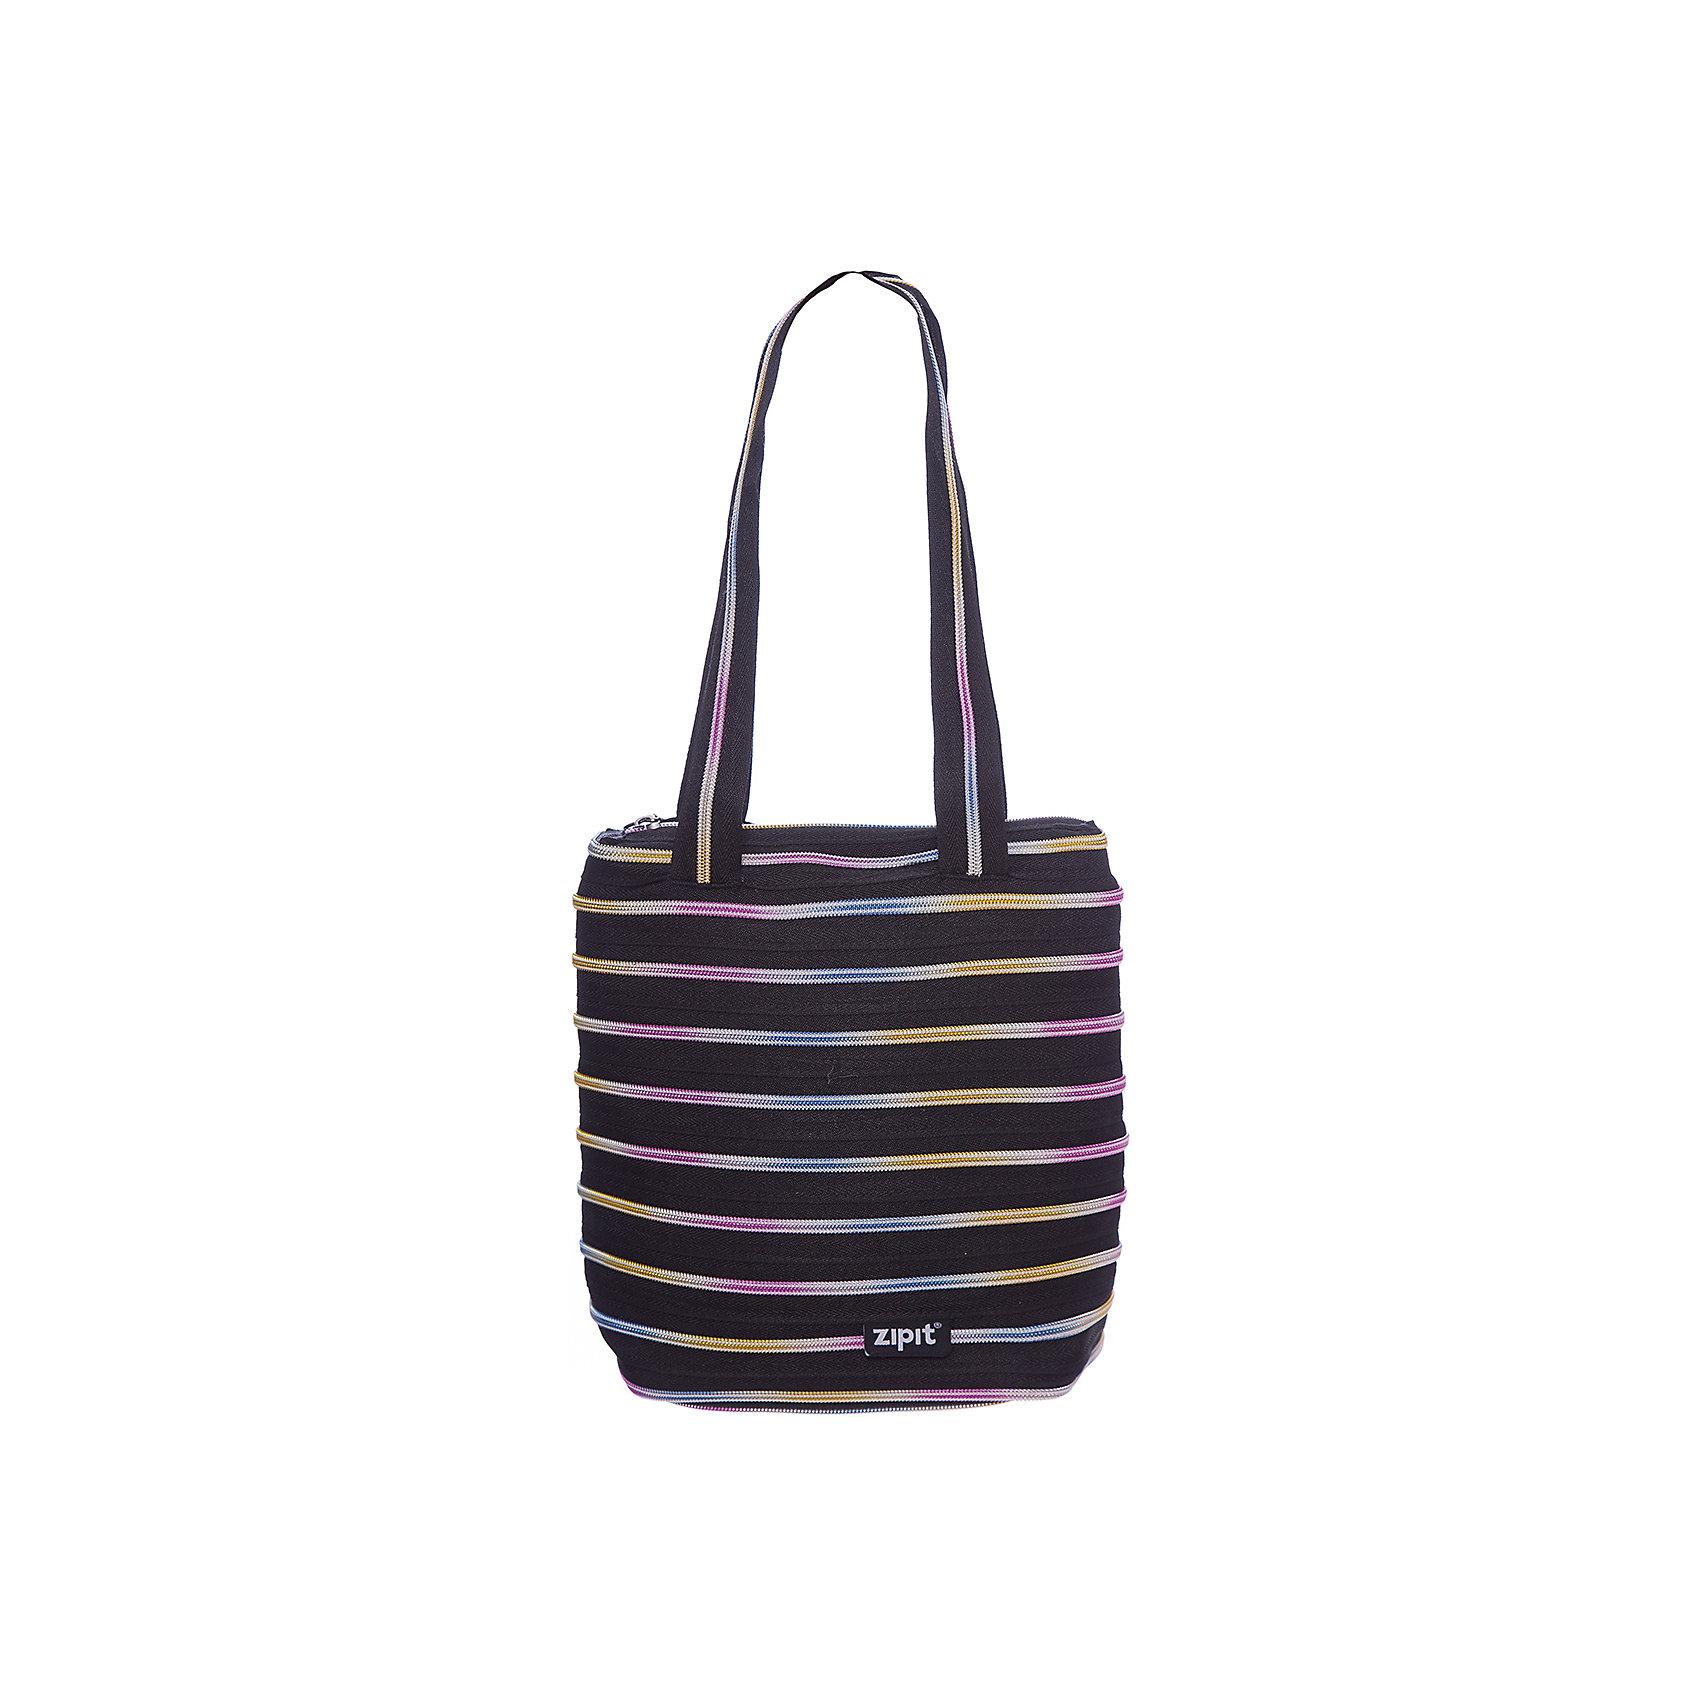 Сумка Premium Tote/Beach Bag, цвет черный/мультиДетские сумки<br>Характеристики товара:<br><br>• цвет: черный/мульти;<br>• возраст: от 7 лет;<br>• вес: 0,2 кг;<br>• размер: 28х10х28 см;<br>• сумочка имеет одно вместительное отделение;<br>• изготовлена из застежки-молнии;<br>• молнию можно полностью расстегнуть;<br>• удлиненные ручки для переноски в руке или на плече;<br>• материал: полиэстер;<br>• страна бренда: США;<br>• страна изготовитель: Китай.<br><br>Молодежная сумка Zipit «Premium Tote Beach Bag» очень необычная. Она сделана из молнии! Молния закручена по спирали и это делает сумку совершенно уникальной. При этом сумка очень функциональная и легка в уходе.<br><br>Сумку «Premium Tote Beach Bag» можно купить в нашем интернет-магазине.<br><br>Ширина мм: 280<br>Глубина мм: 100<br>Высота мм: 280<br>Вес г: 200<br>Возраст от месяцев: 84<br>Возраст до месяцев: 180<br>Пол: Унисекс<br>Возраст: Детский<br>SKU: 7054153